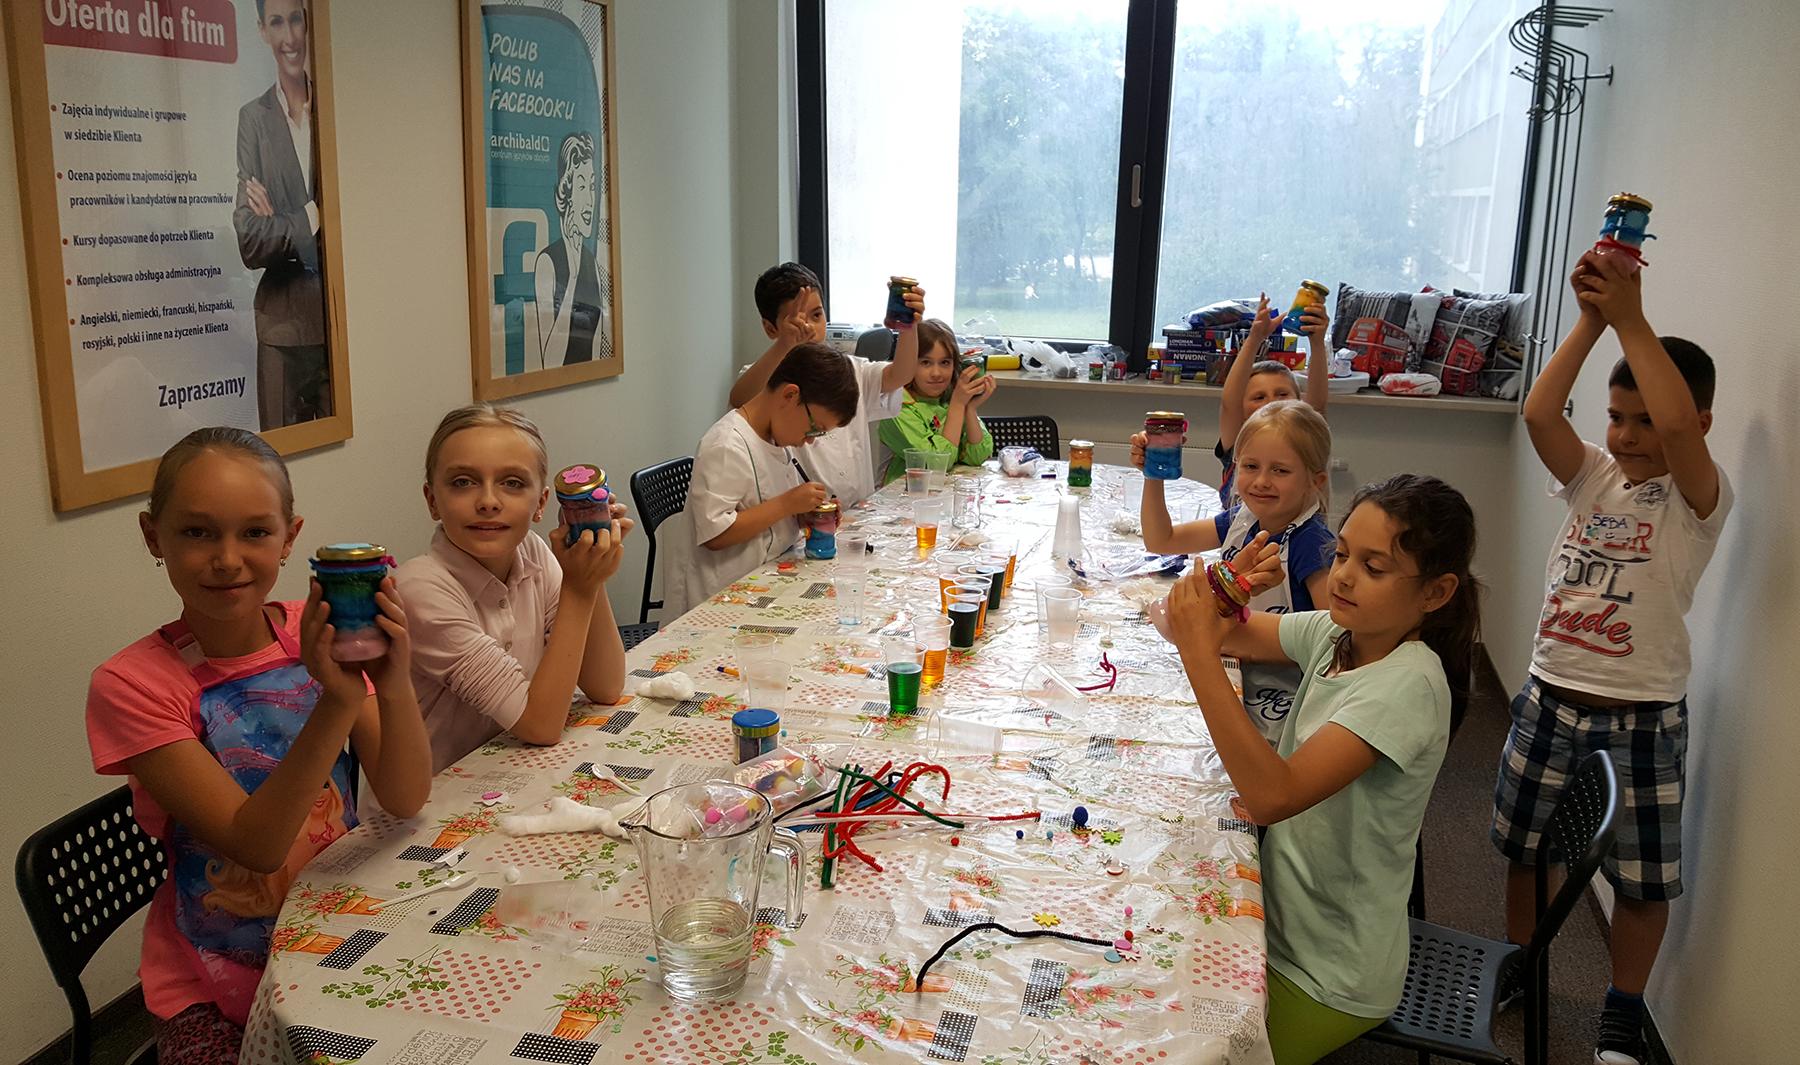 14 polkolonie warszawa archibald kids